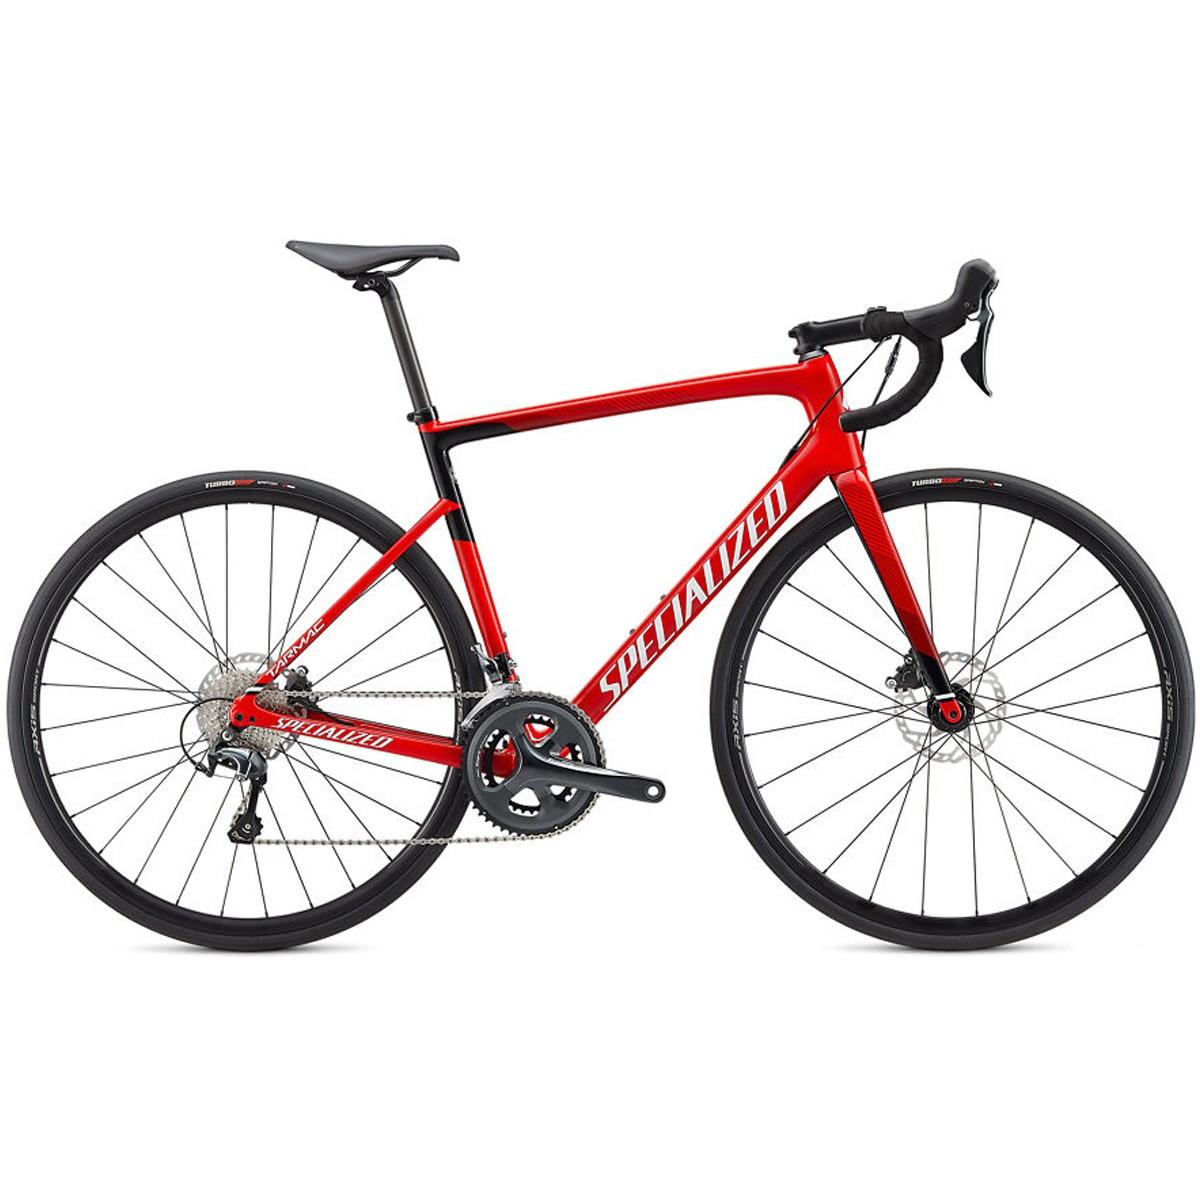 Bicicleta Specialized Tarmac Disc 2020